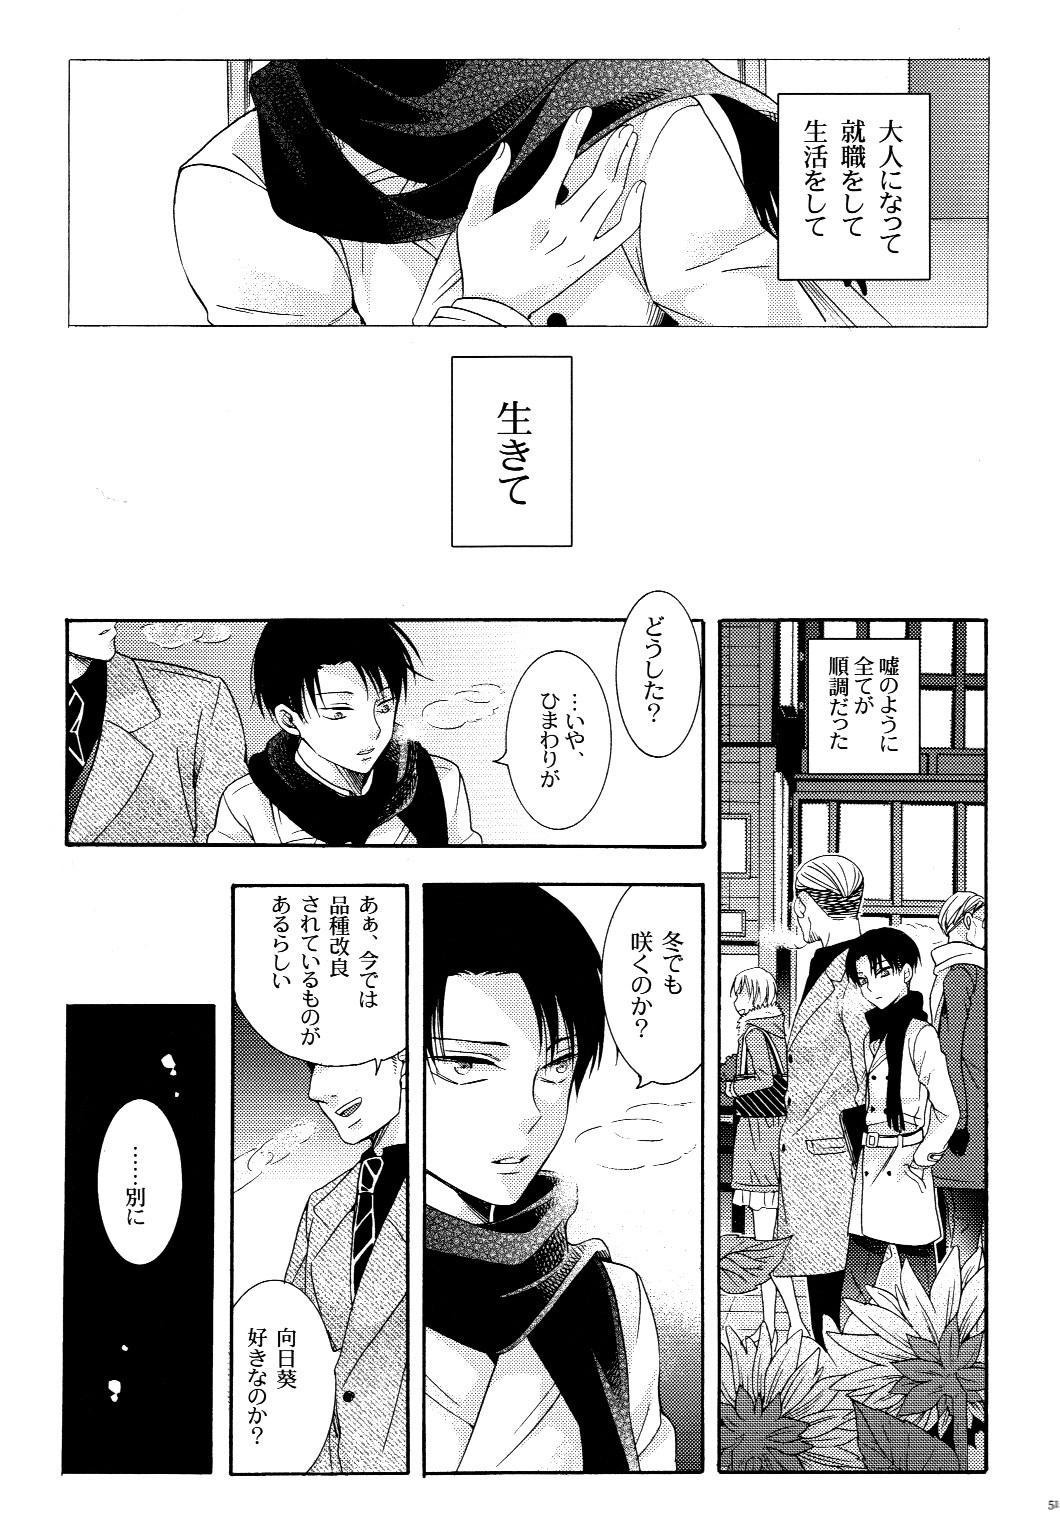 Himawari no Saku Fuyu 50